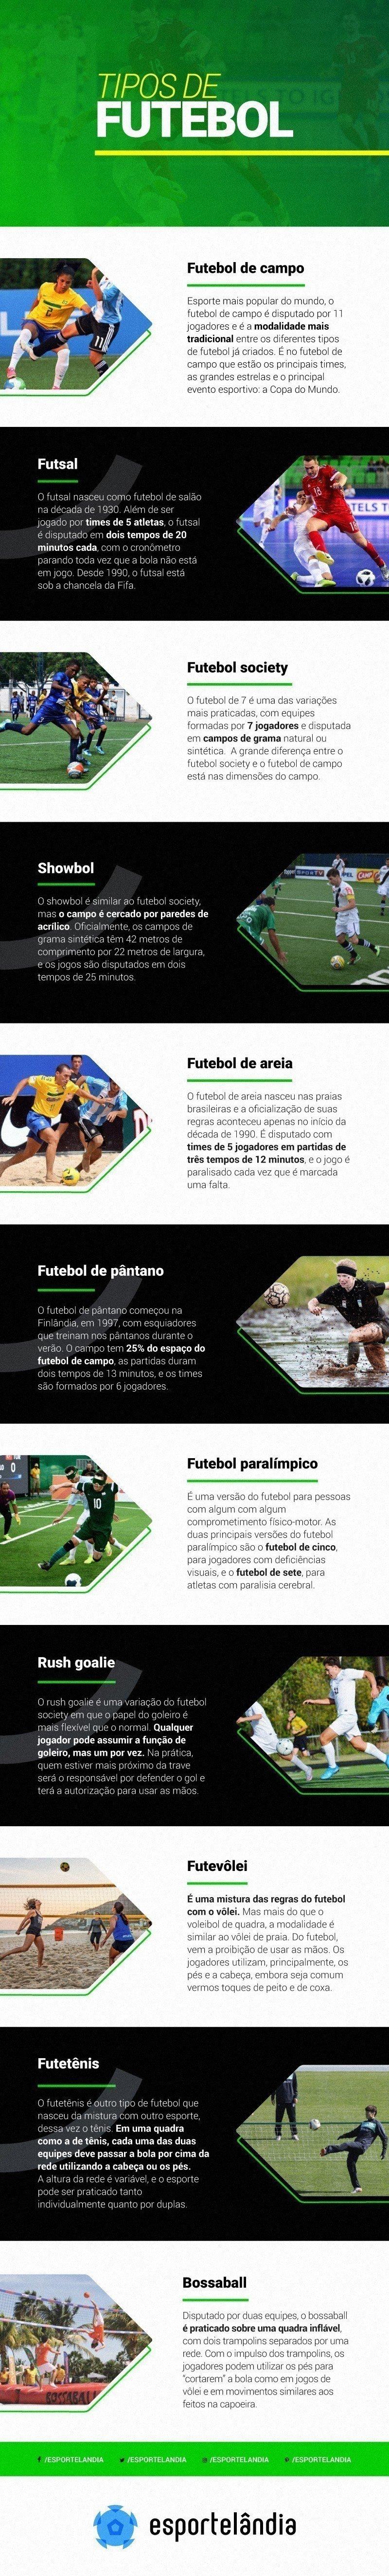 Infográfico Tipos de Futebol